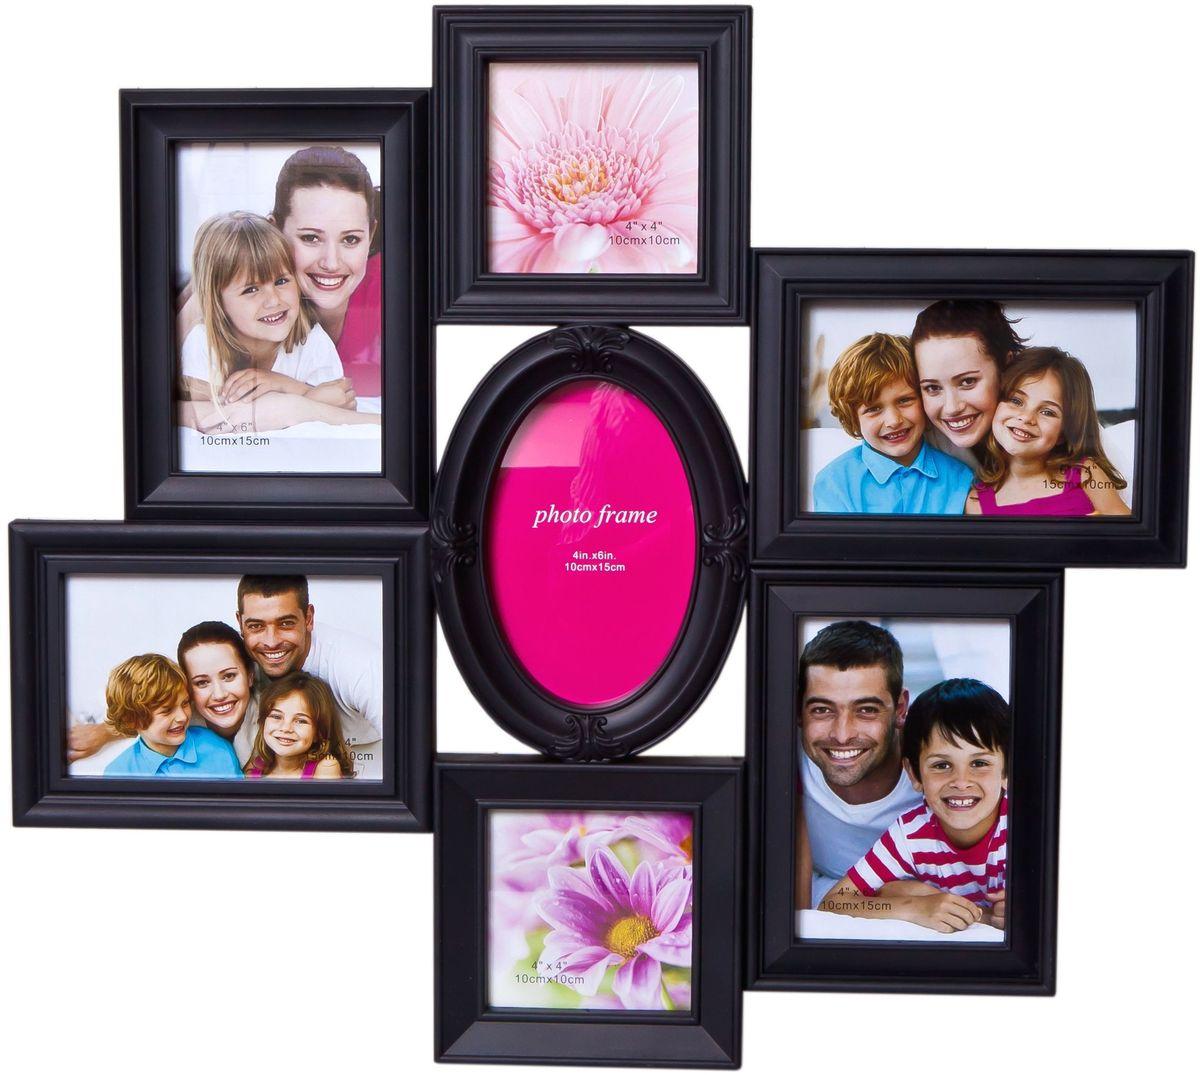 Фоторамка Platinum, цвет: черный, на 7 фото. BH-1313PLATINUM BH-1313-Black-ЧёрныйФоторамка Platinum - прекрасный способ красиво оформить ваши фотографии. Фоторамка выполнена из пластика и защищена стеклом. Фоторамка-коллаж представляет собой семь фоторамок для фото разного размера оригинально соединенных между собой. Такая фоторамка поможет сохранить в памяти самые яркие моменты вашей жизни, а стильный дизайн сделает ее прекрасным дополнением интерьера комнаты. Фоторамка подходит для фото следующих размеров: 2 фото 10 х 10 см и 5 фото 10 х 15 см. Общий размер фоторамки: 50 х 45 см.